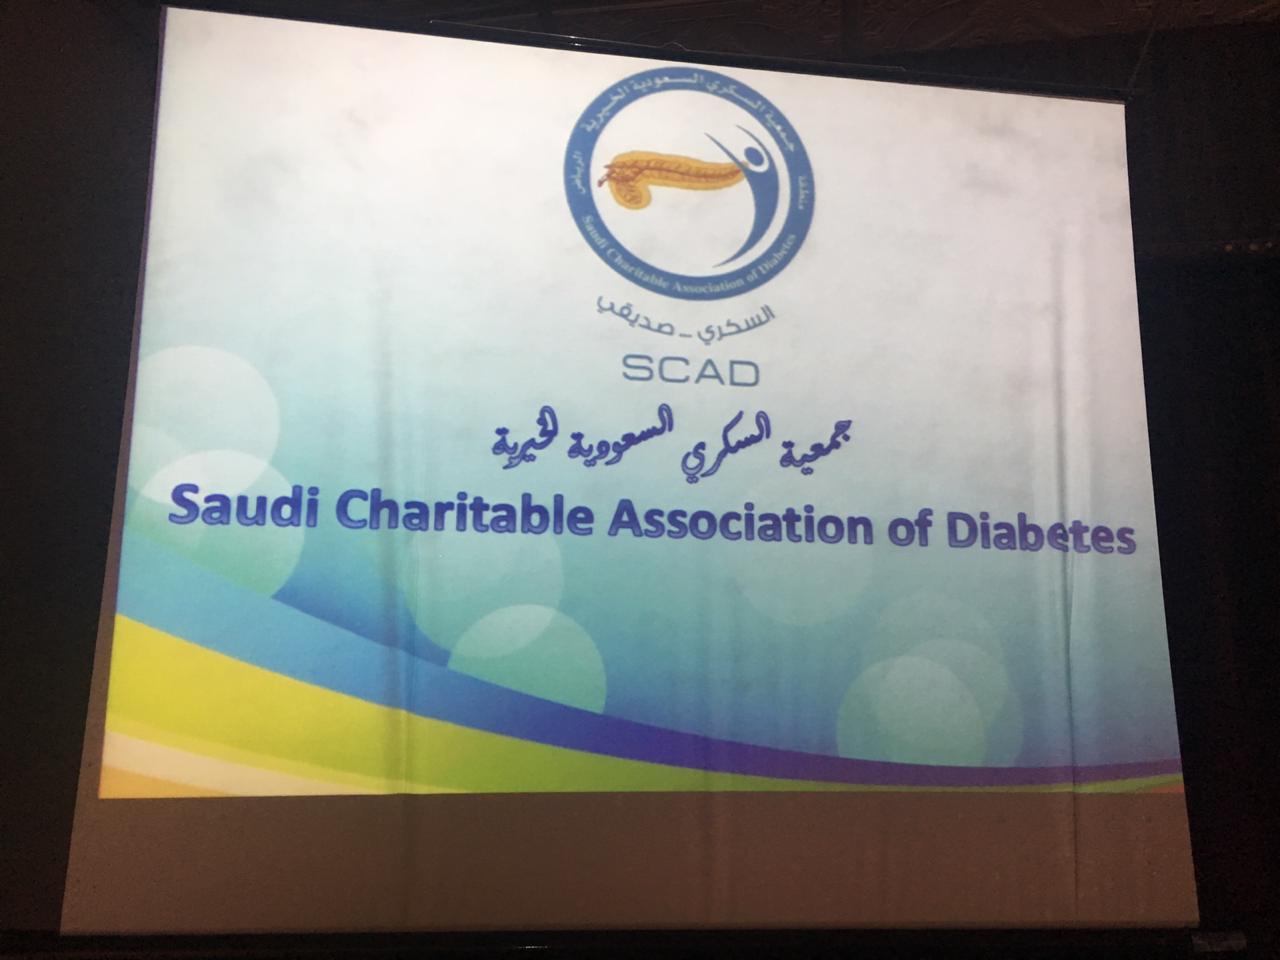 استضافة جمعية السكري السعودية الخيرية